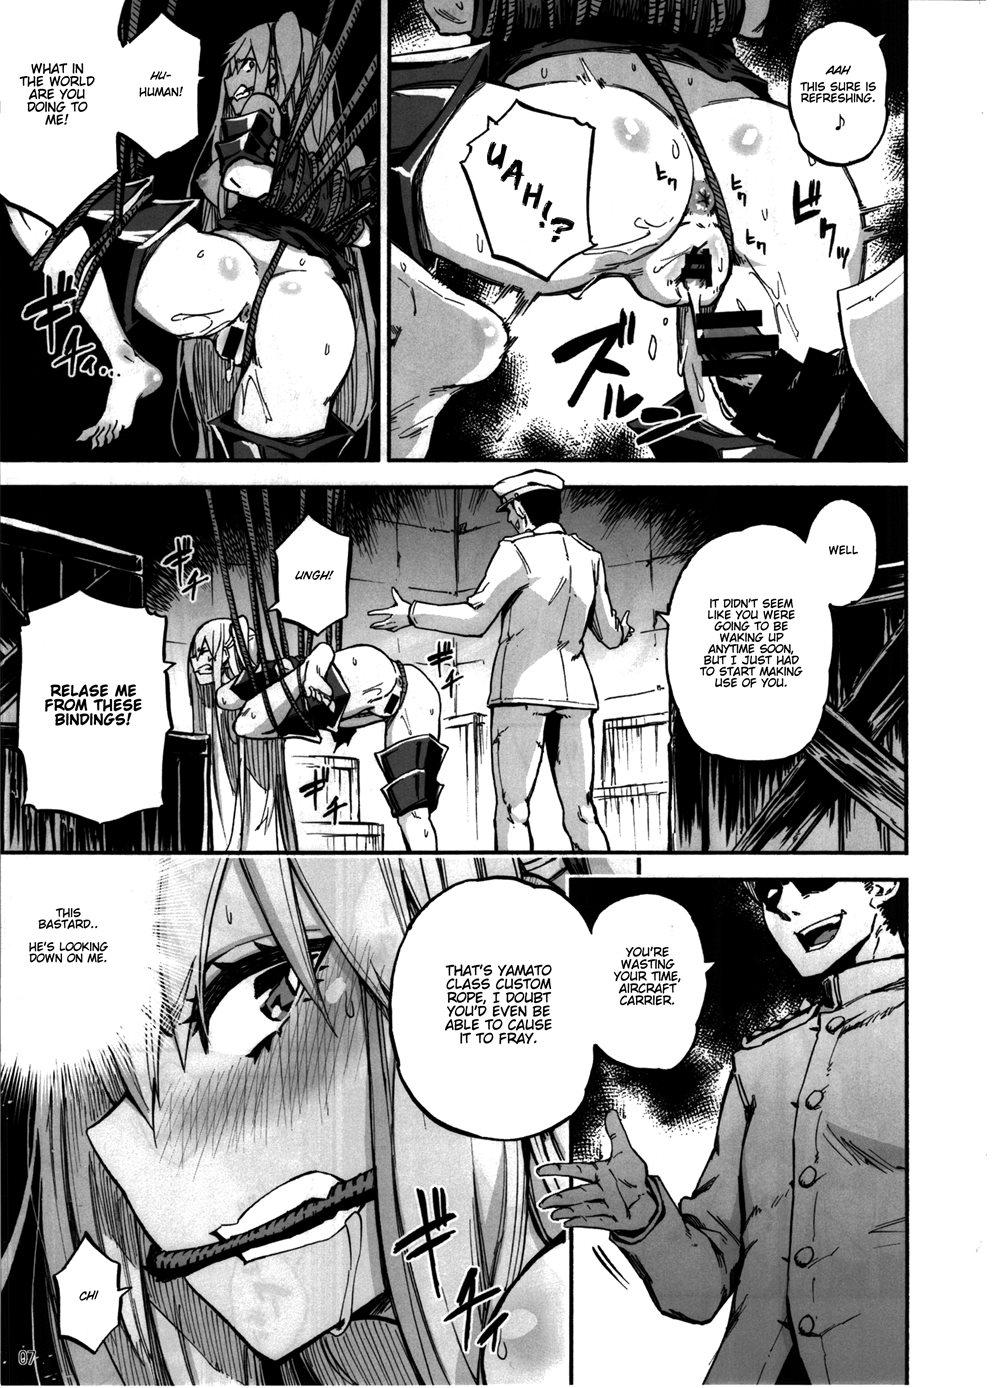 Manga bondage hentai Free bondage